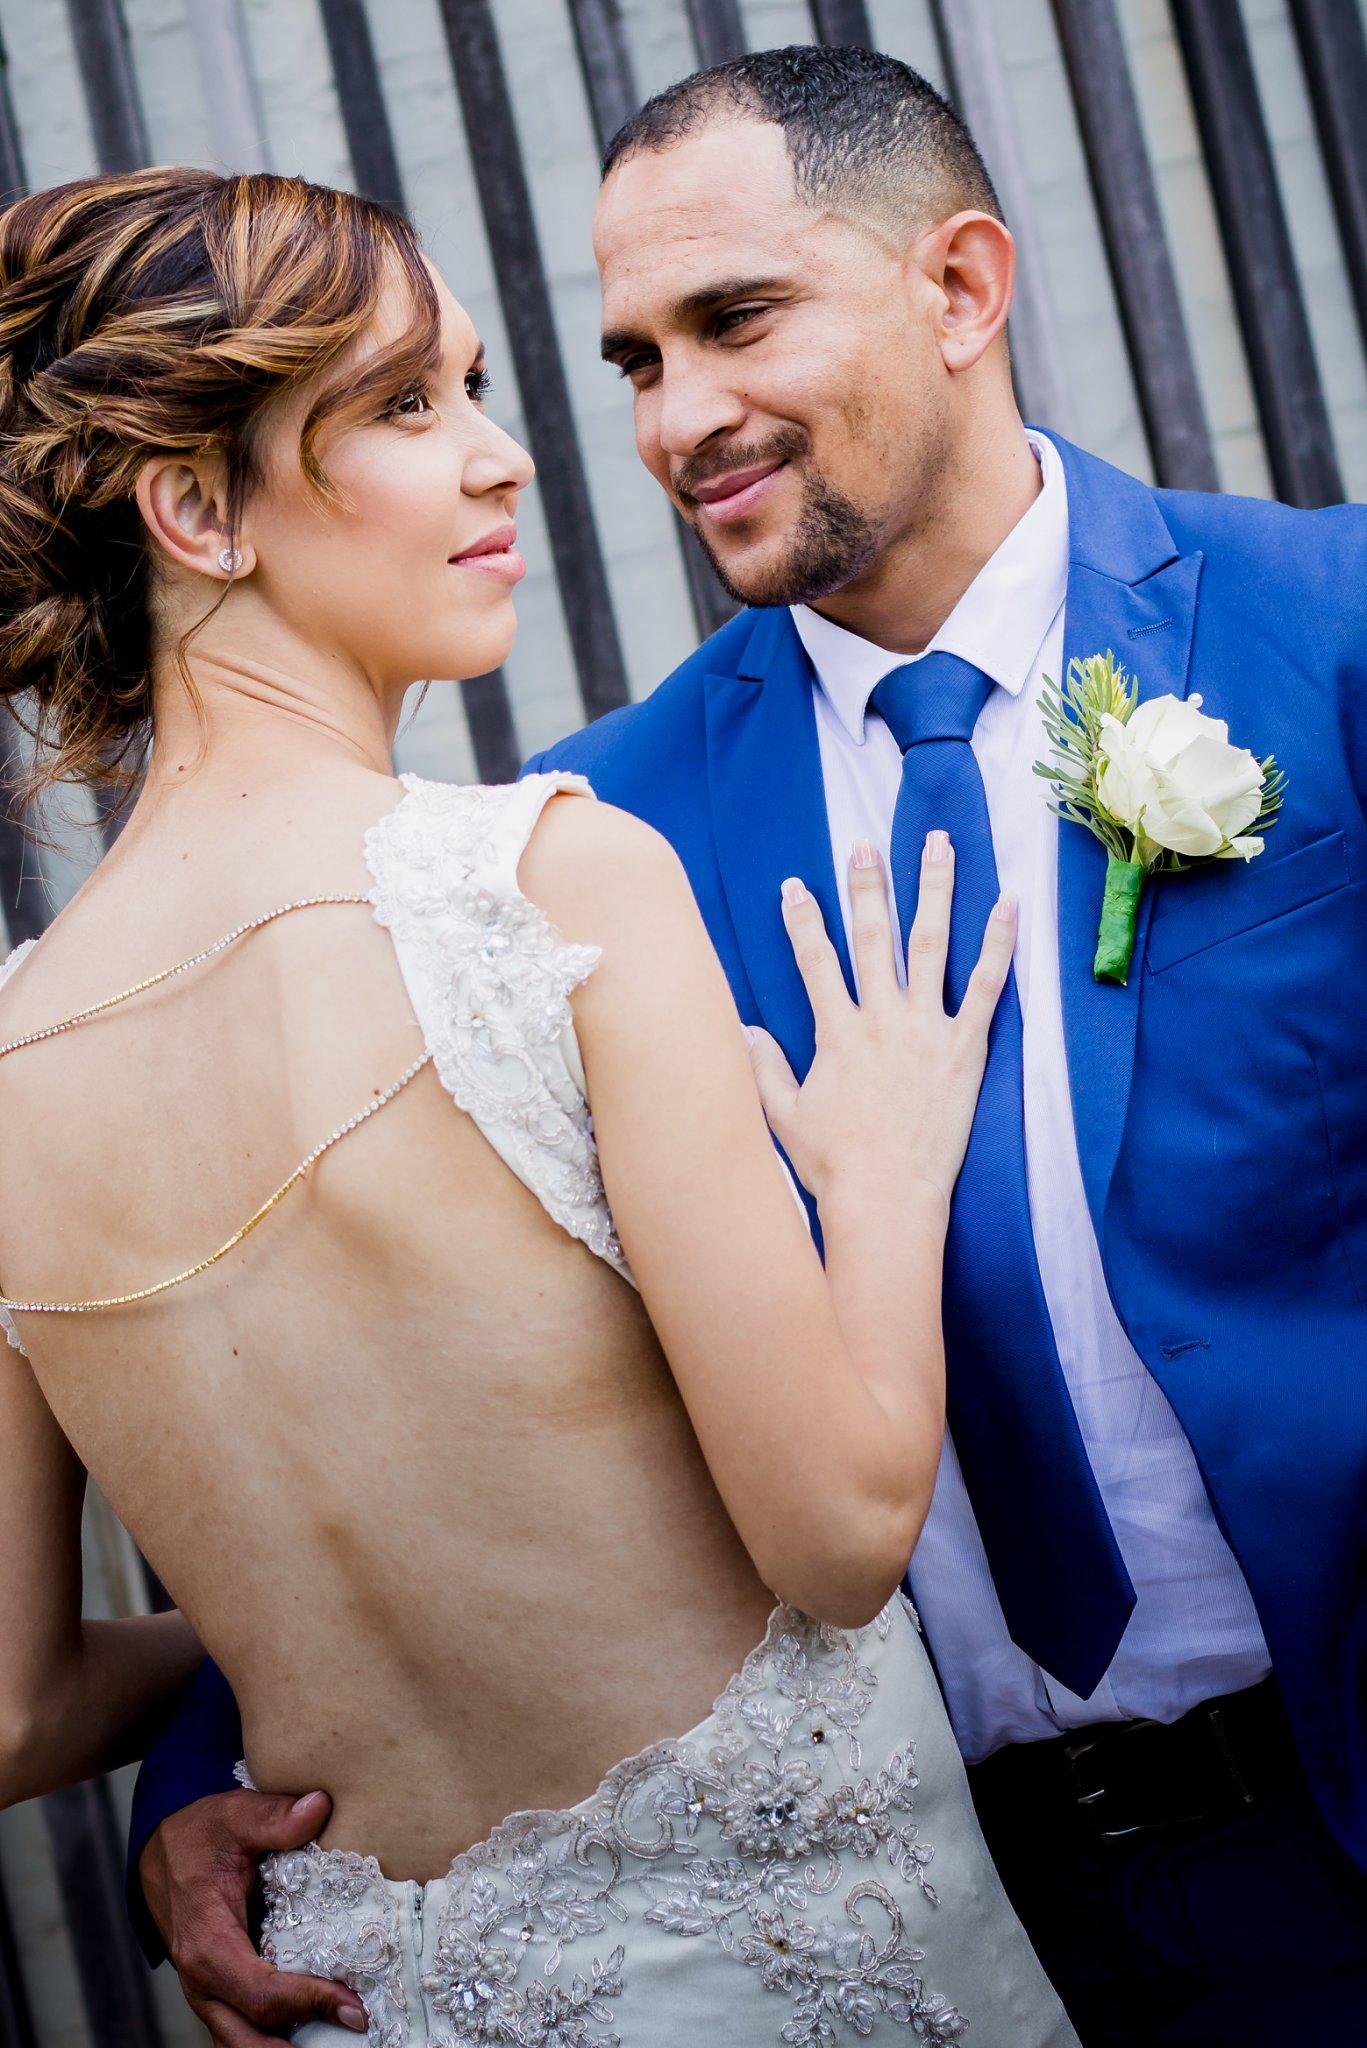 KELLY & JEAN WEDDING | KOLPING GUEST HOUSE